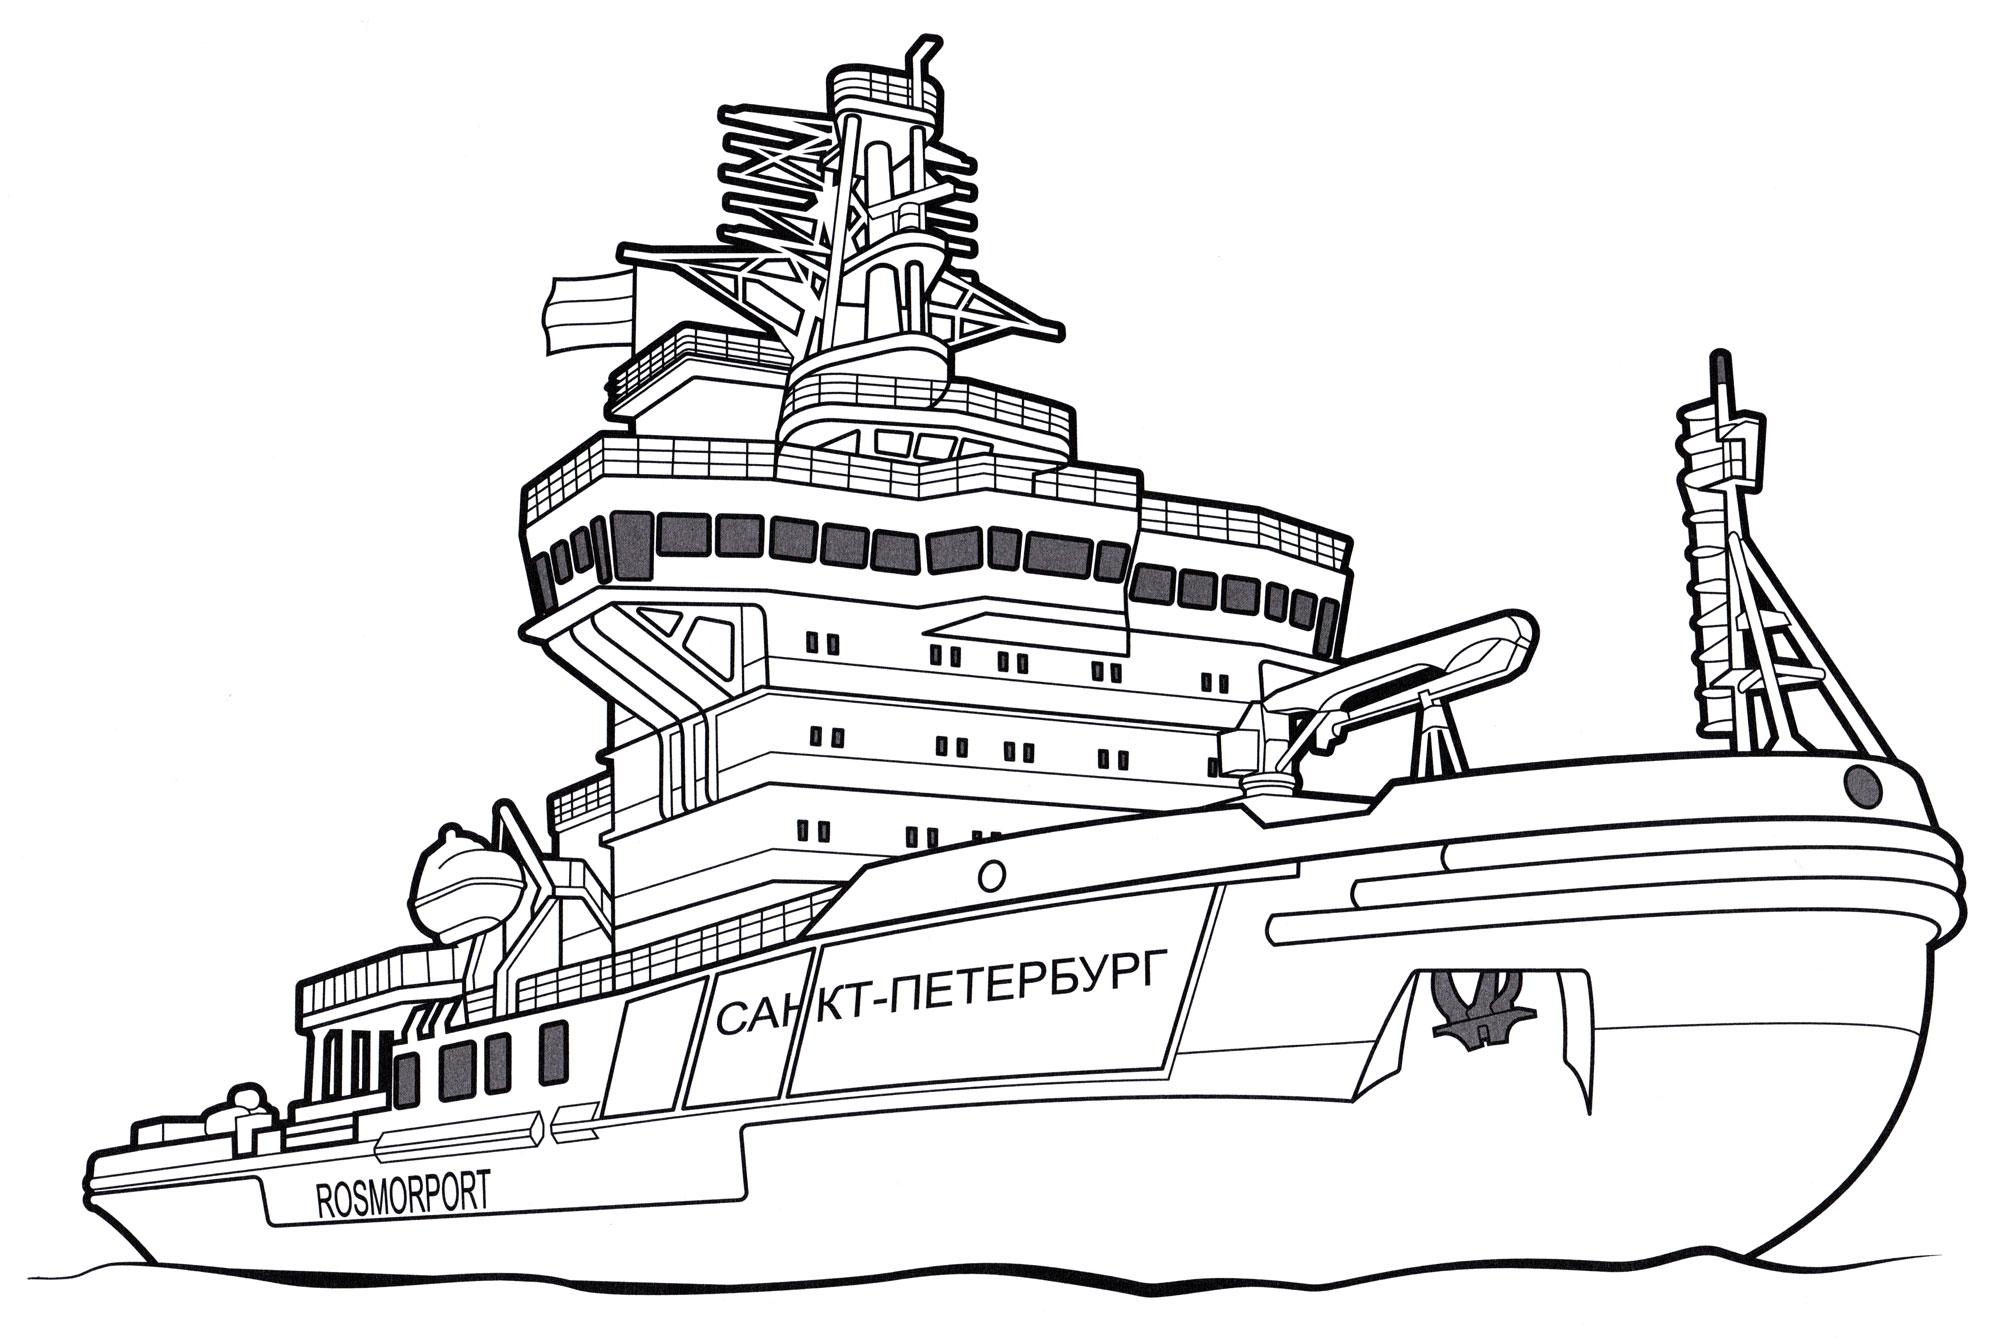 раскраски картинки кораблей прямые побеги украшает